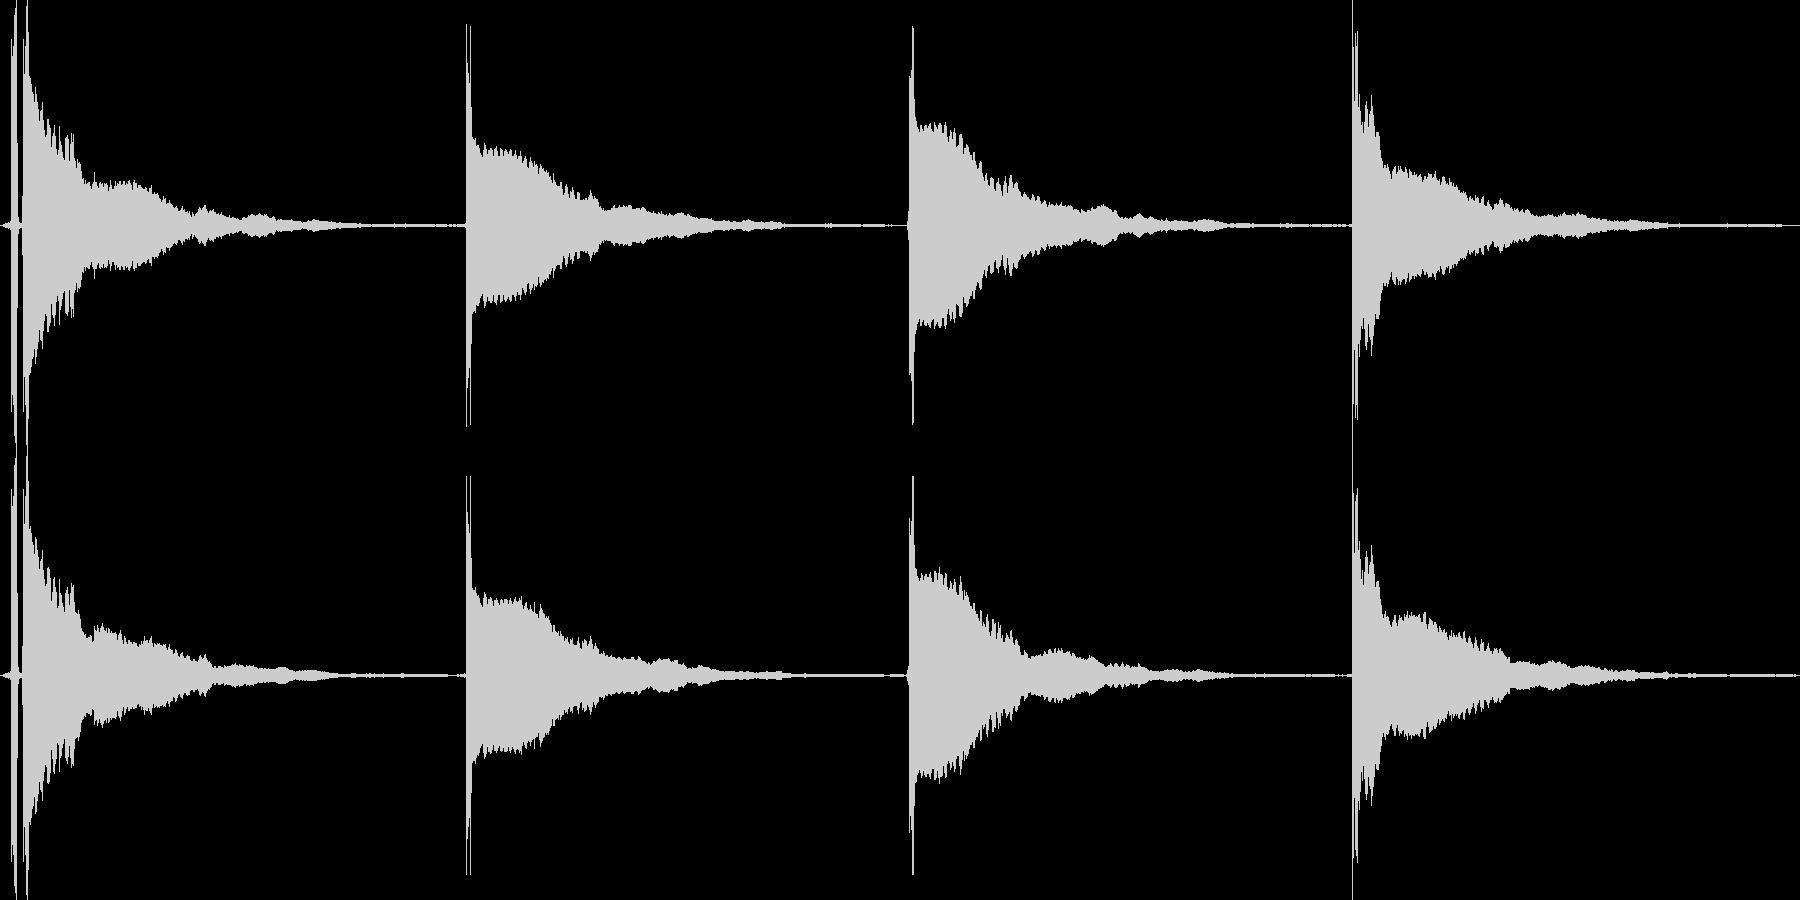 ブーン_船や機内でのトラブル系の音の未再生の波形